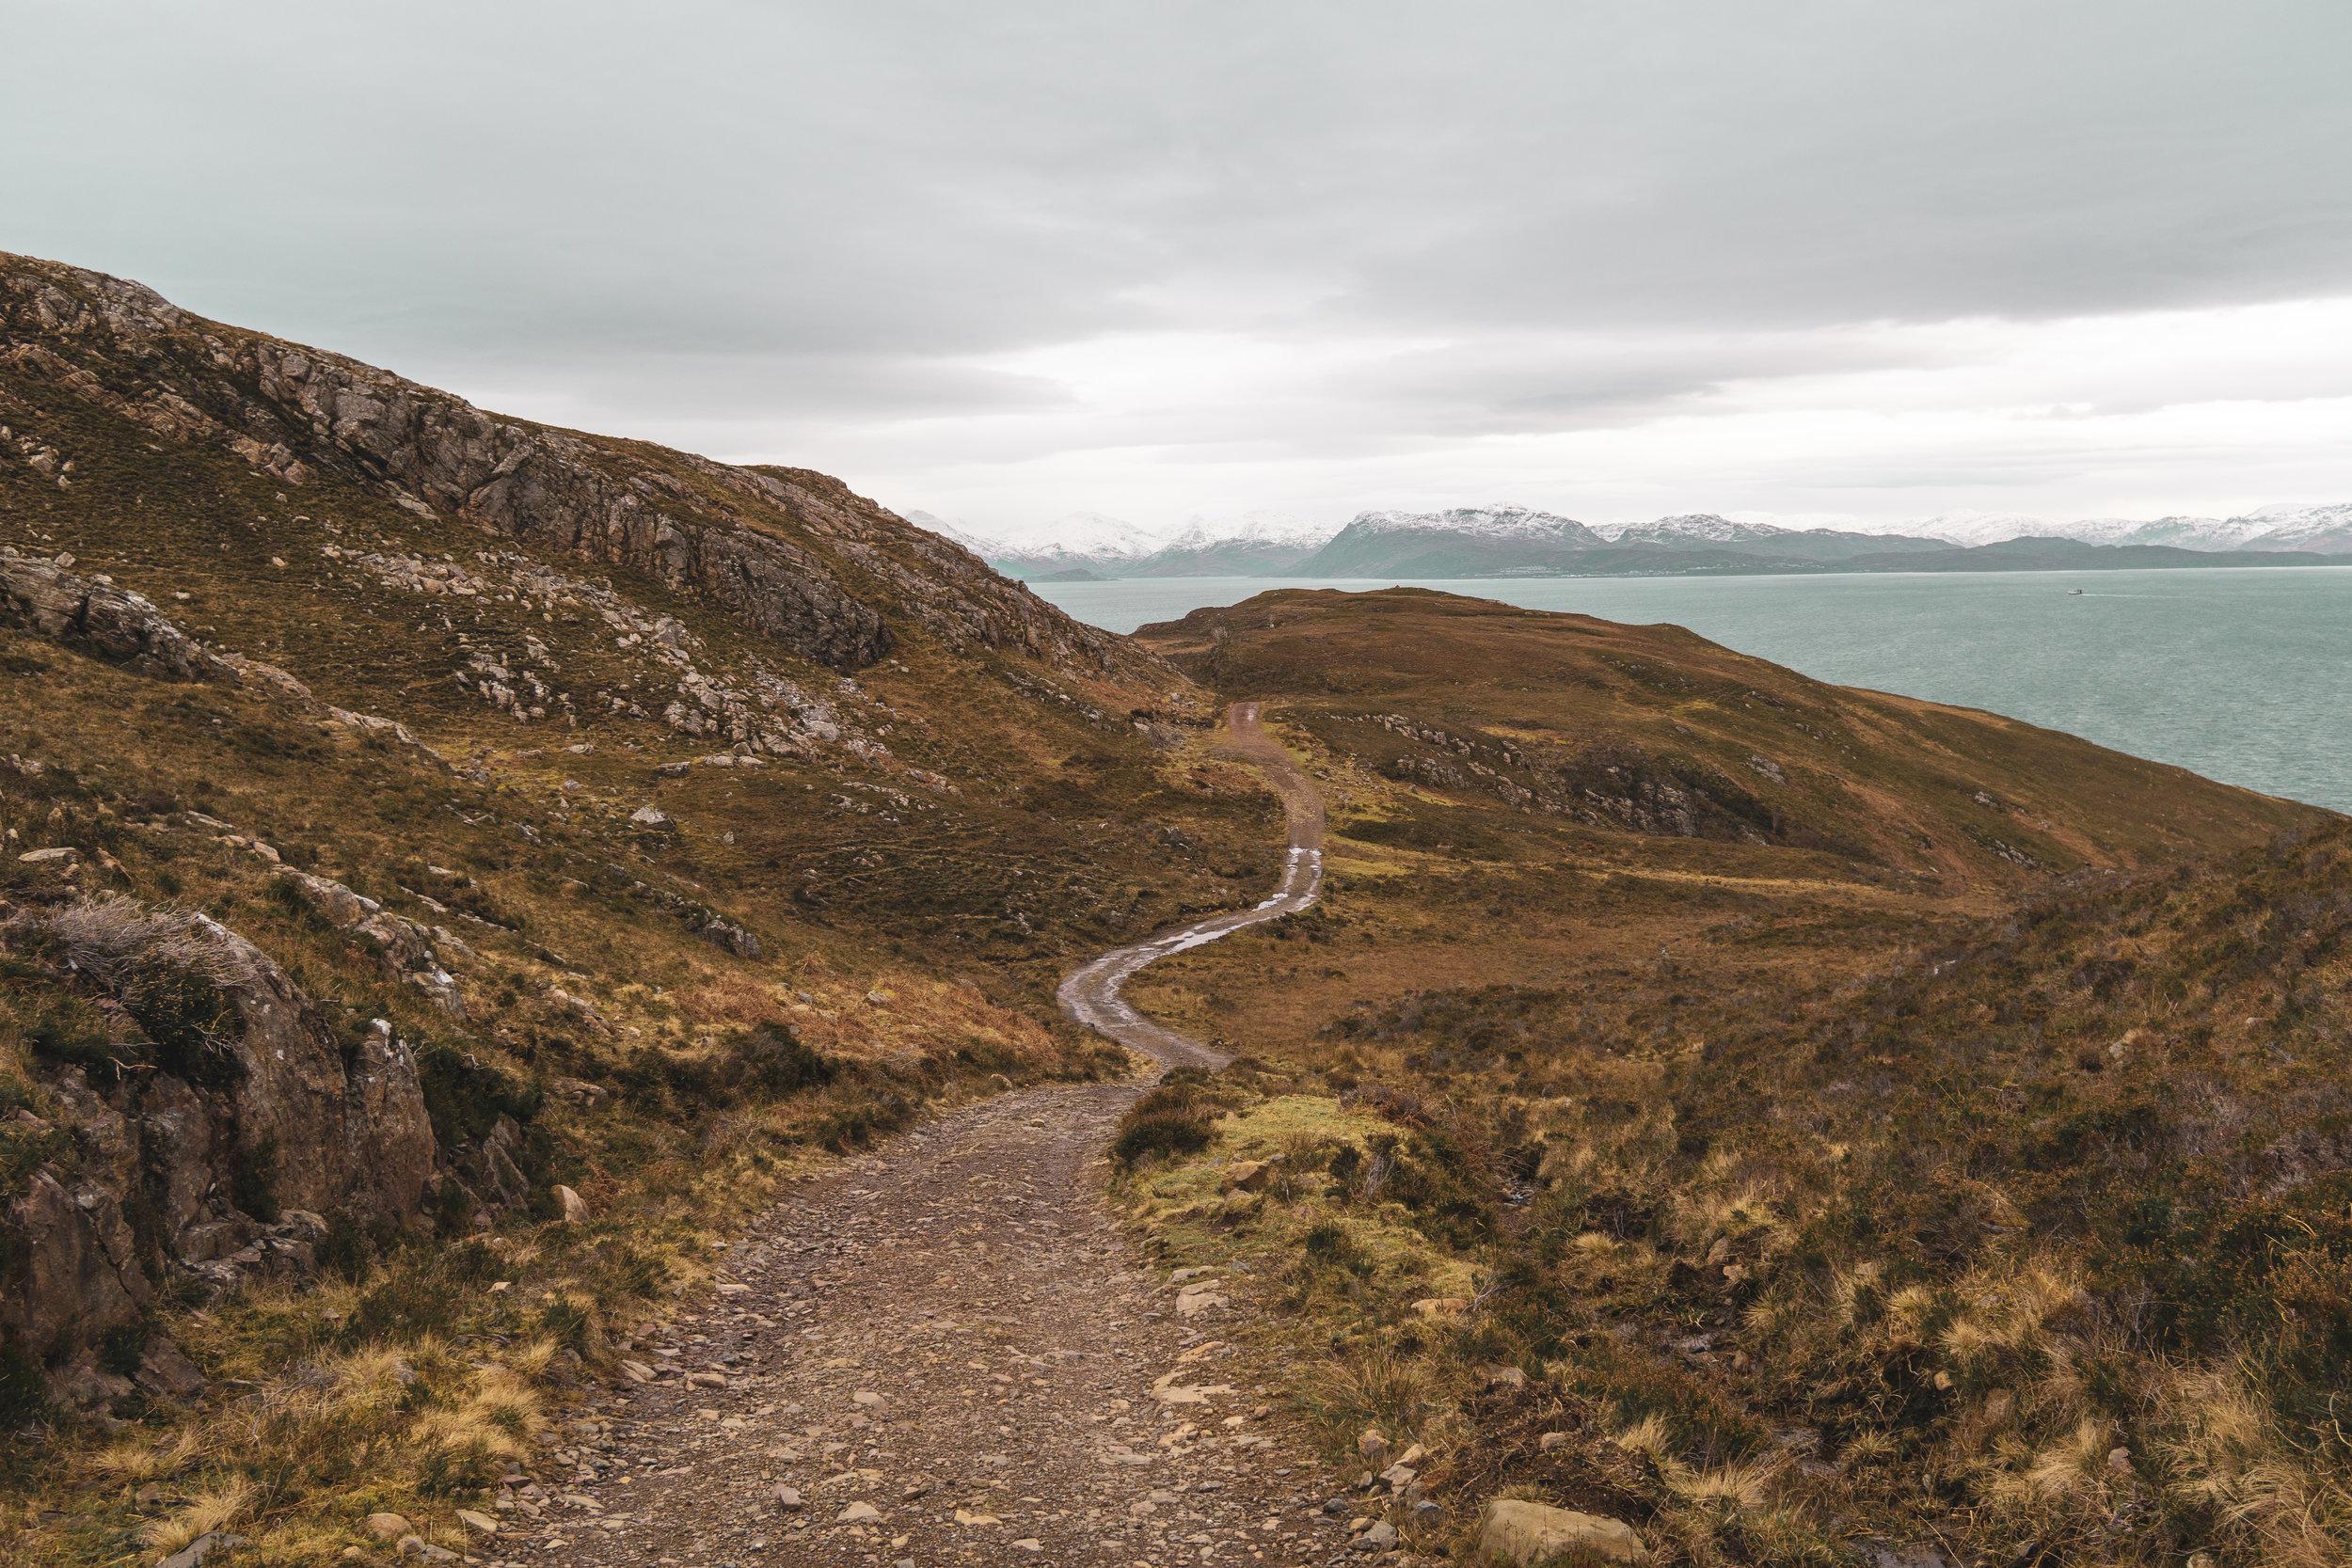 Isle-of-Skye-Point-of-Sleat (12).jpg